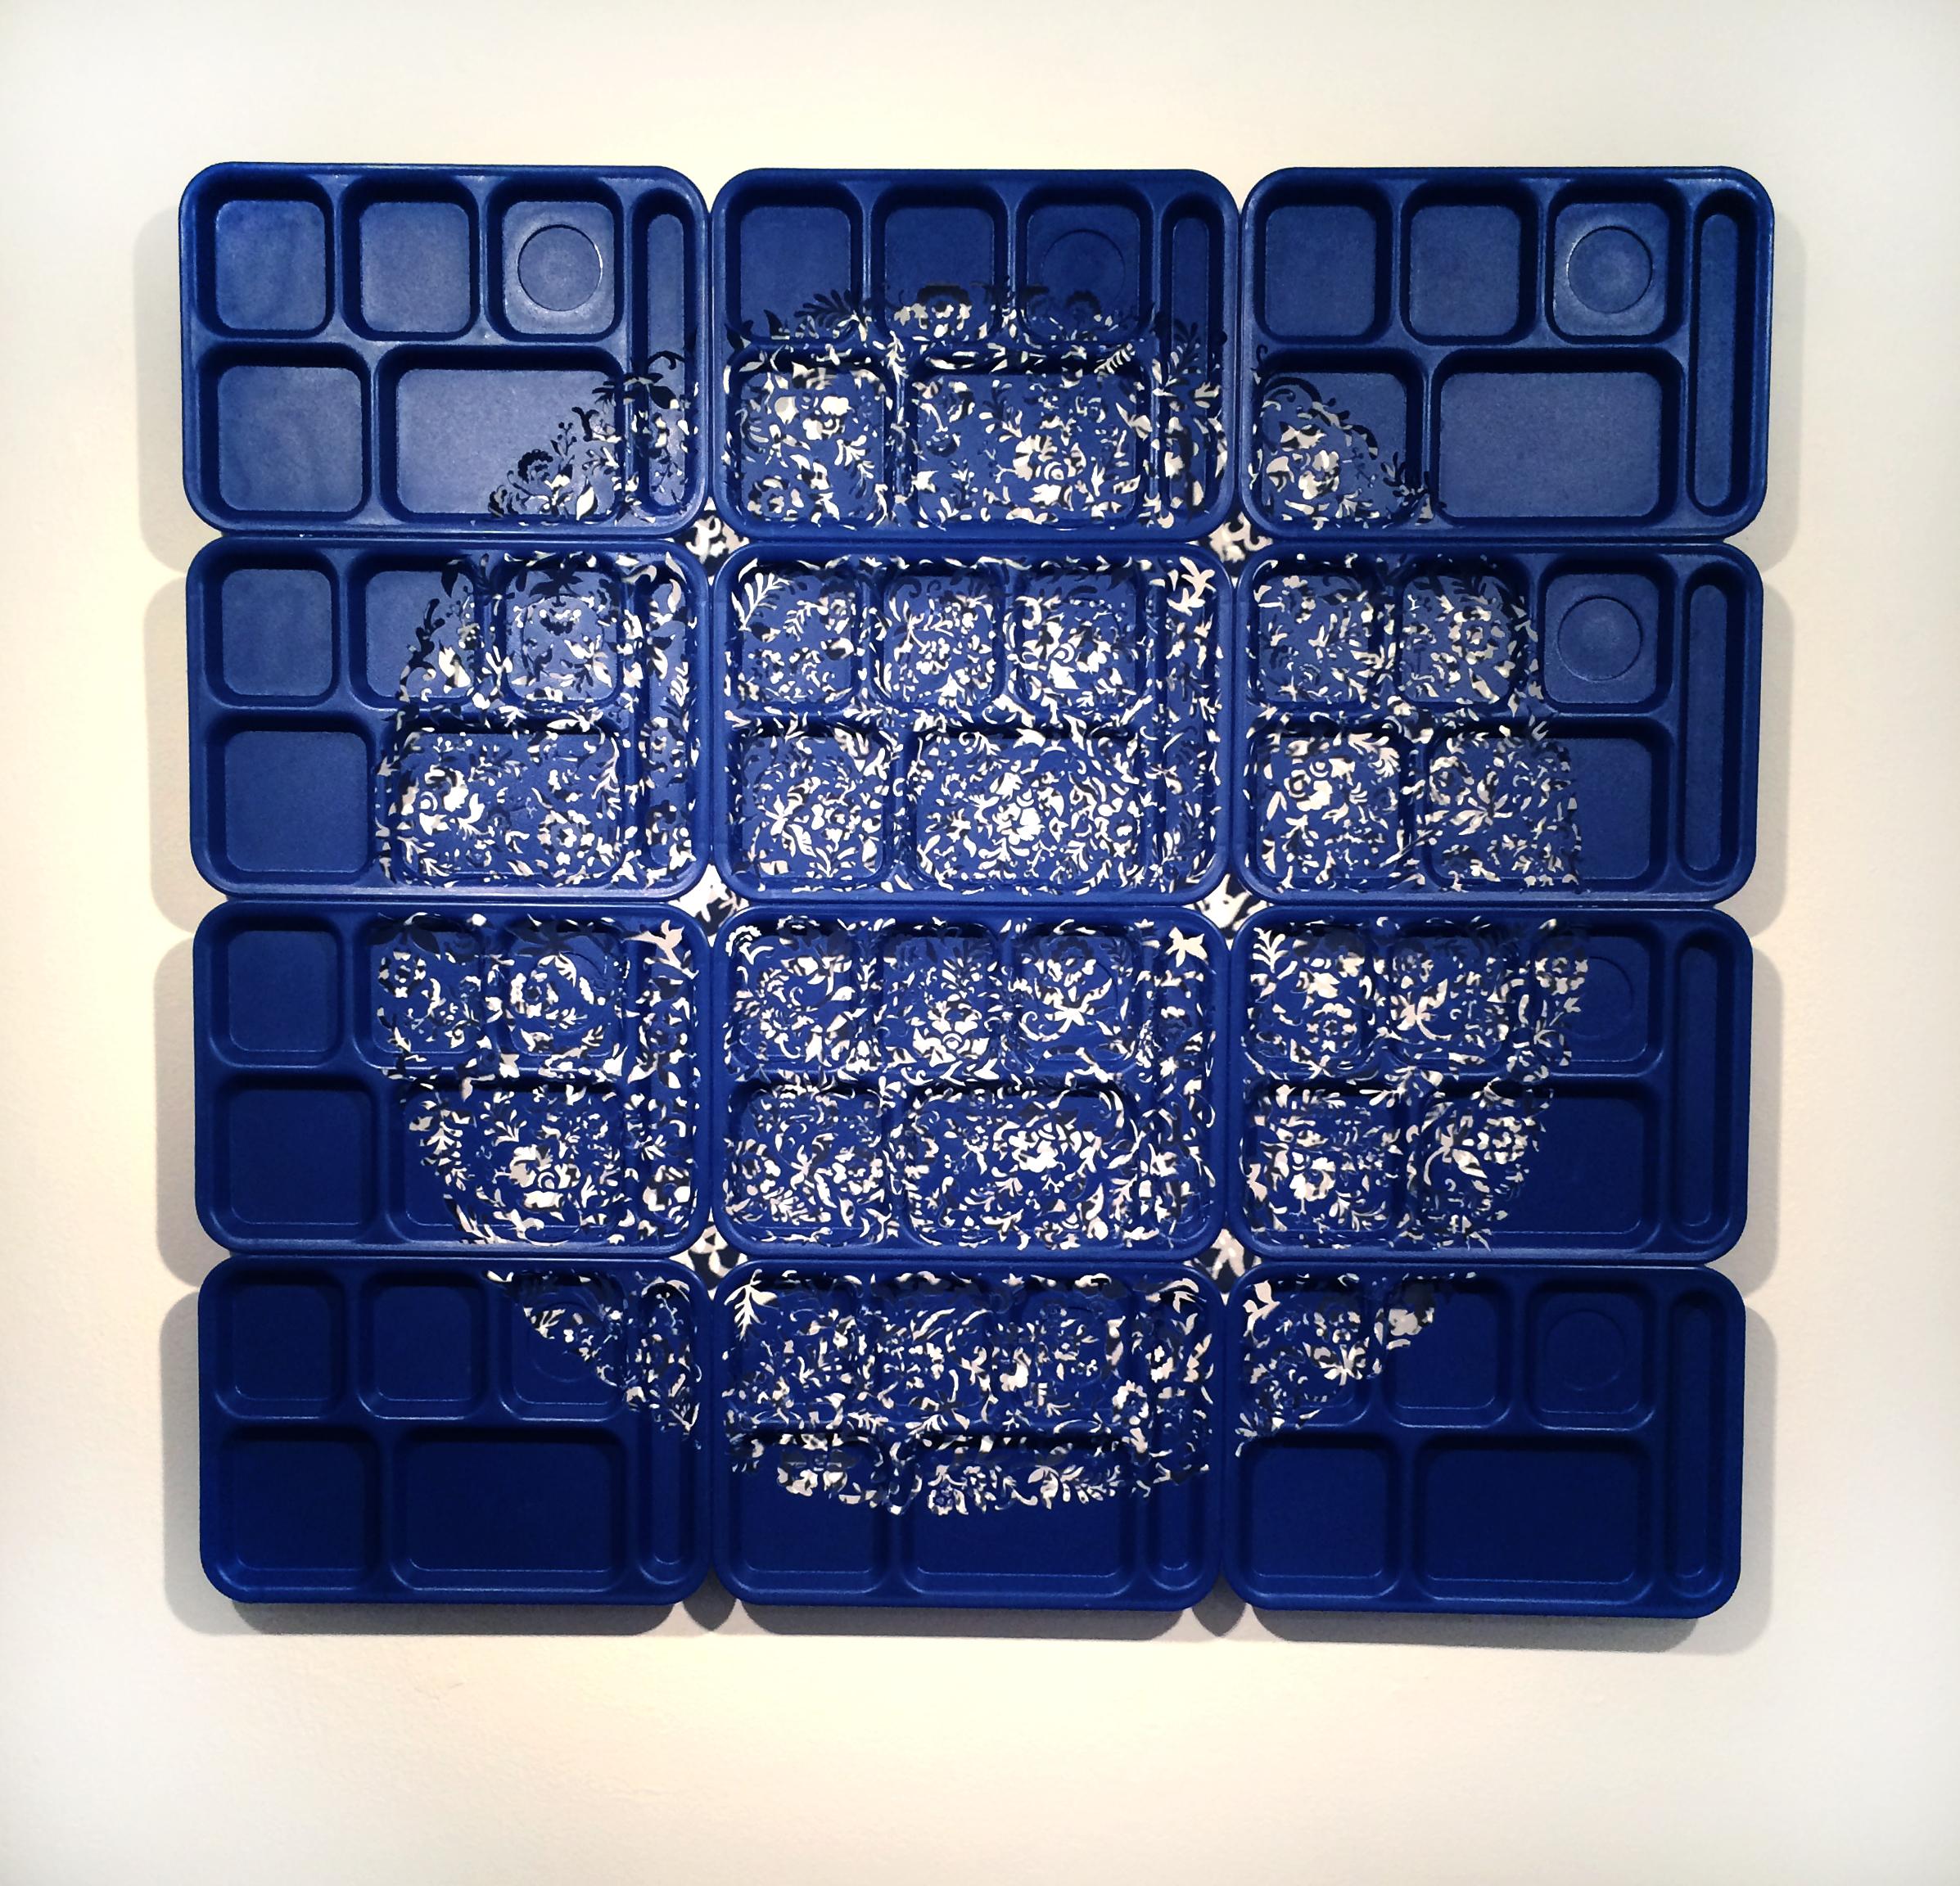 Six Compartment Delftware